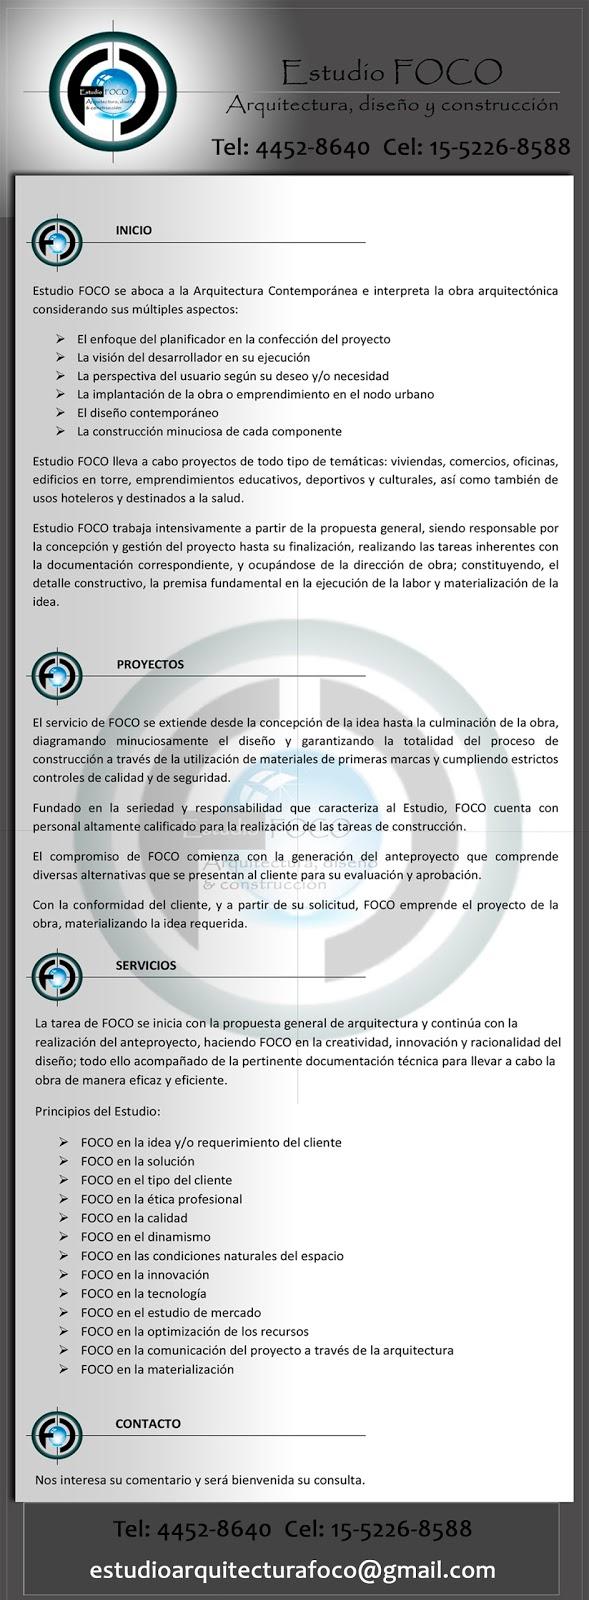 ESTUDIO DE ARQUITECTURA, DISEÑO Y CONSTRUCCIÓN